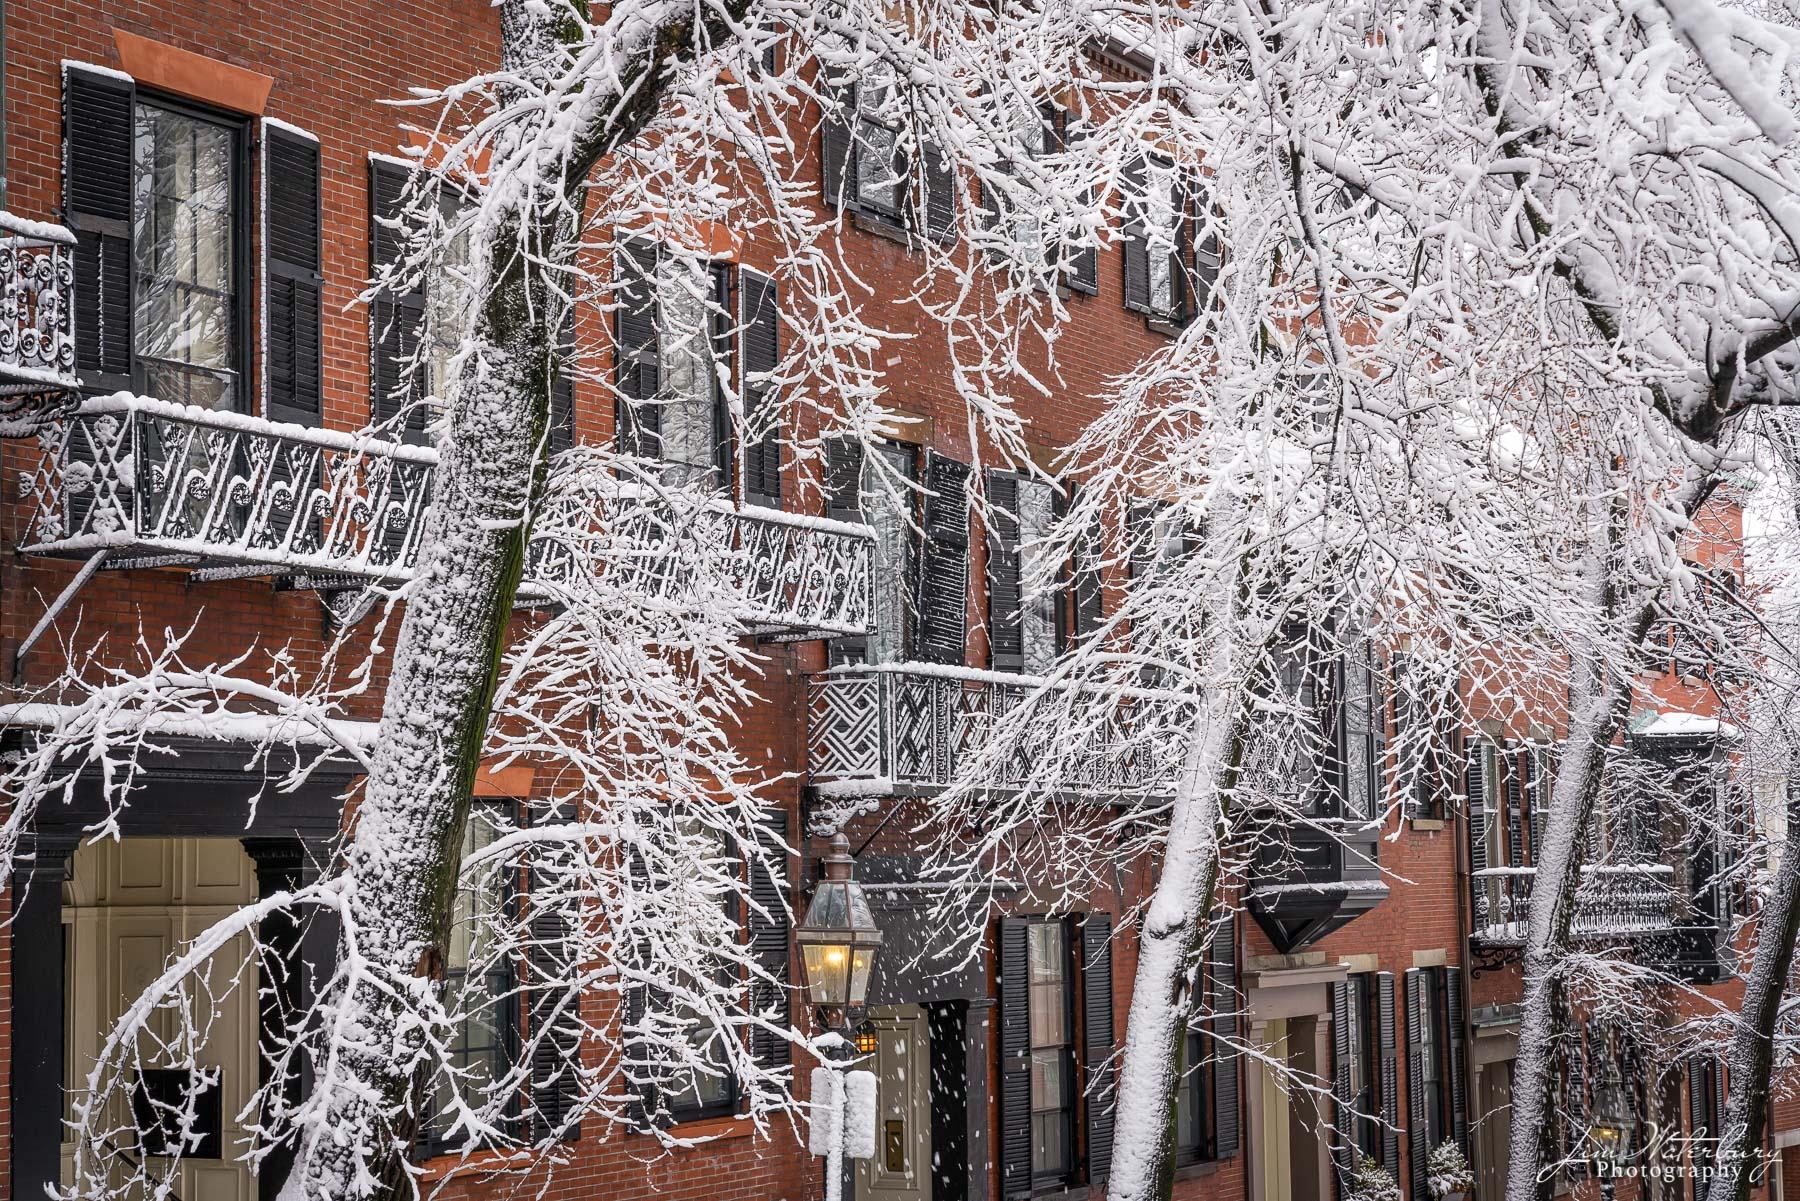 Beacon Hill, Boston, Massachusetts, snow, brick, photo